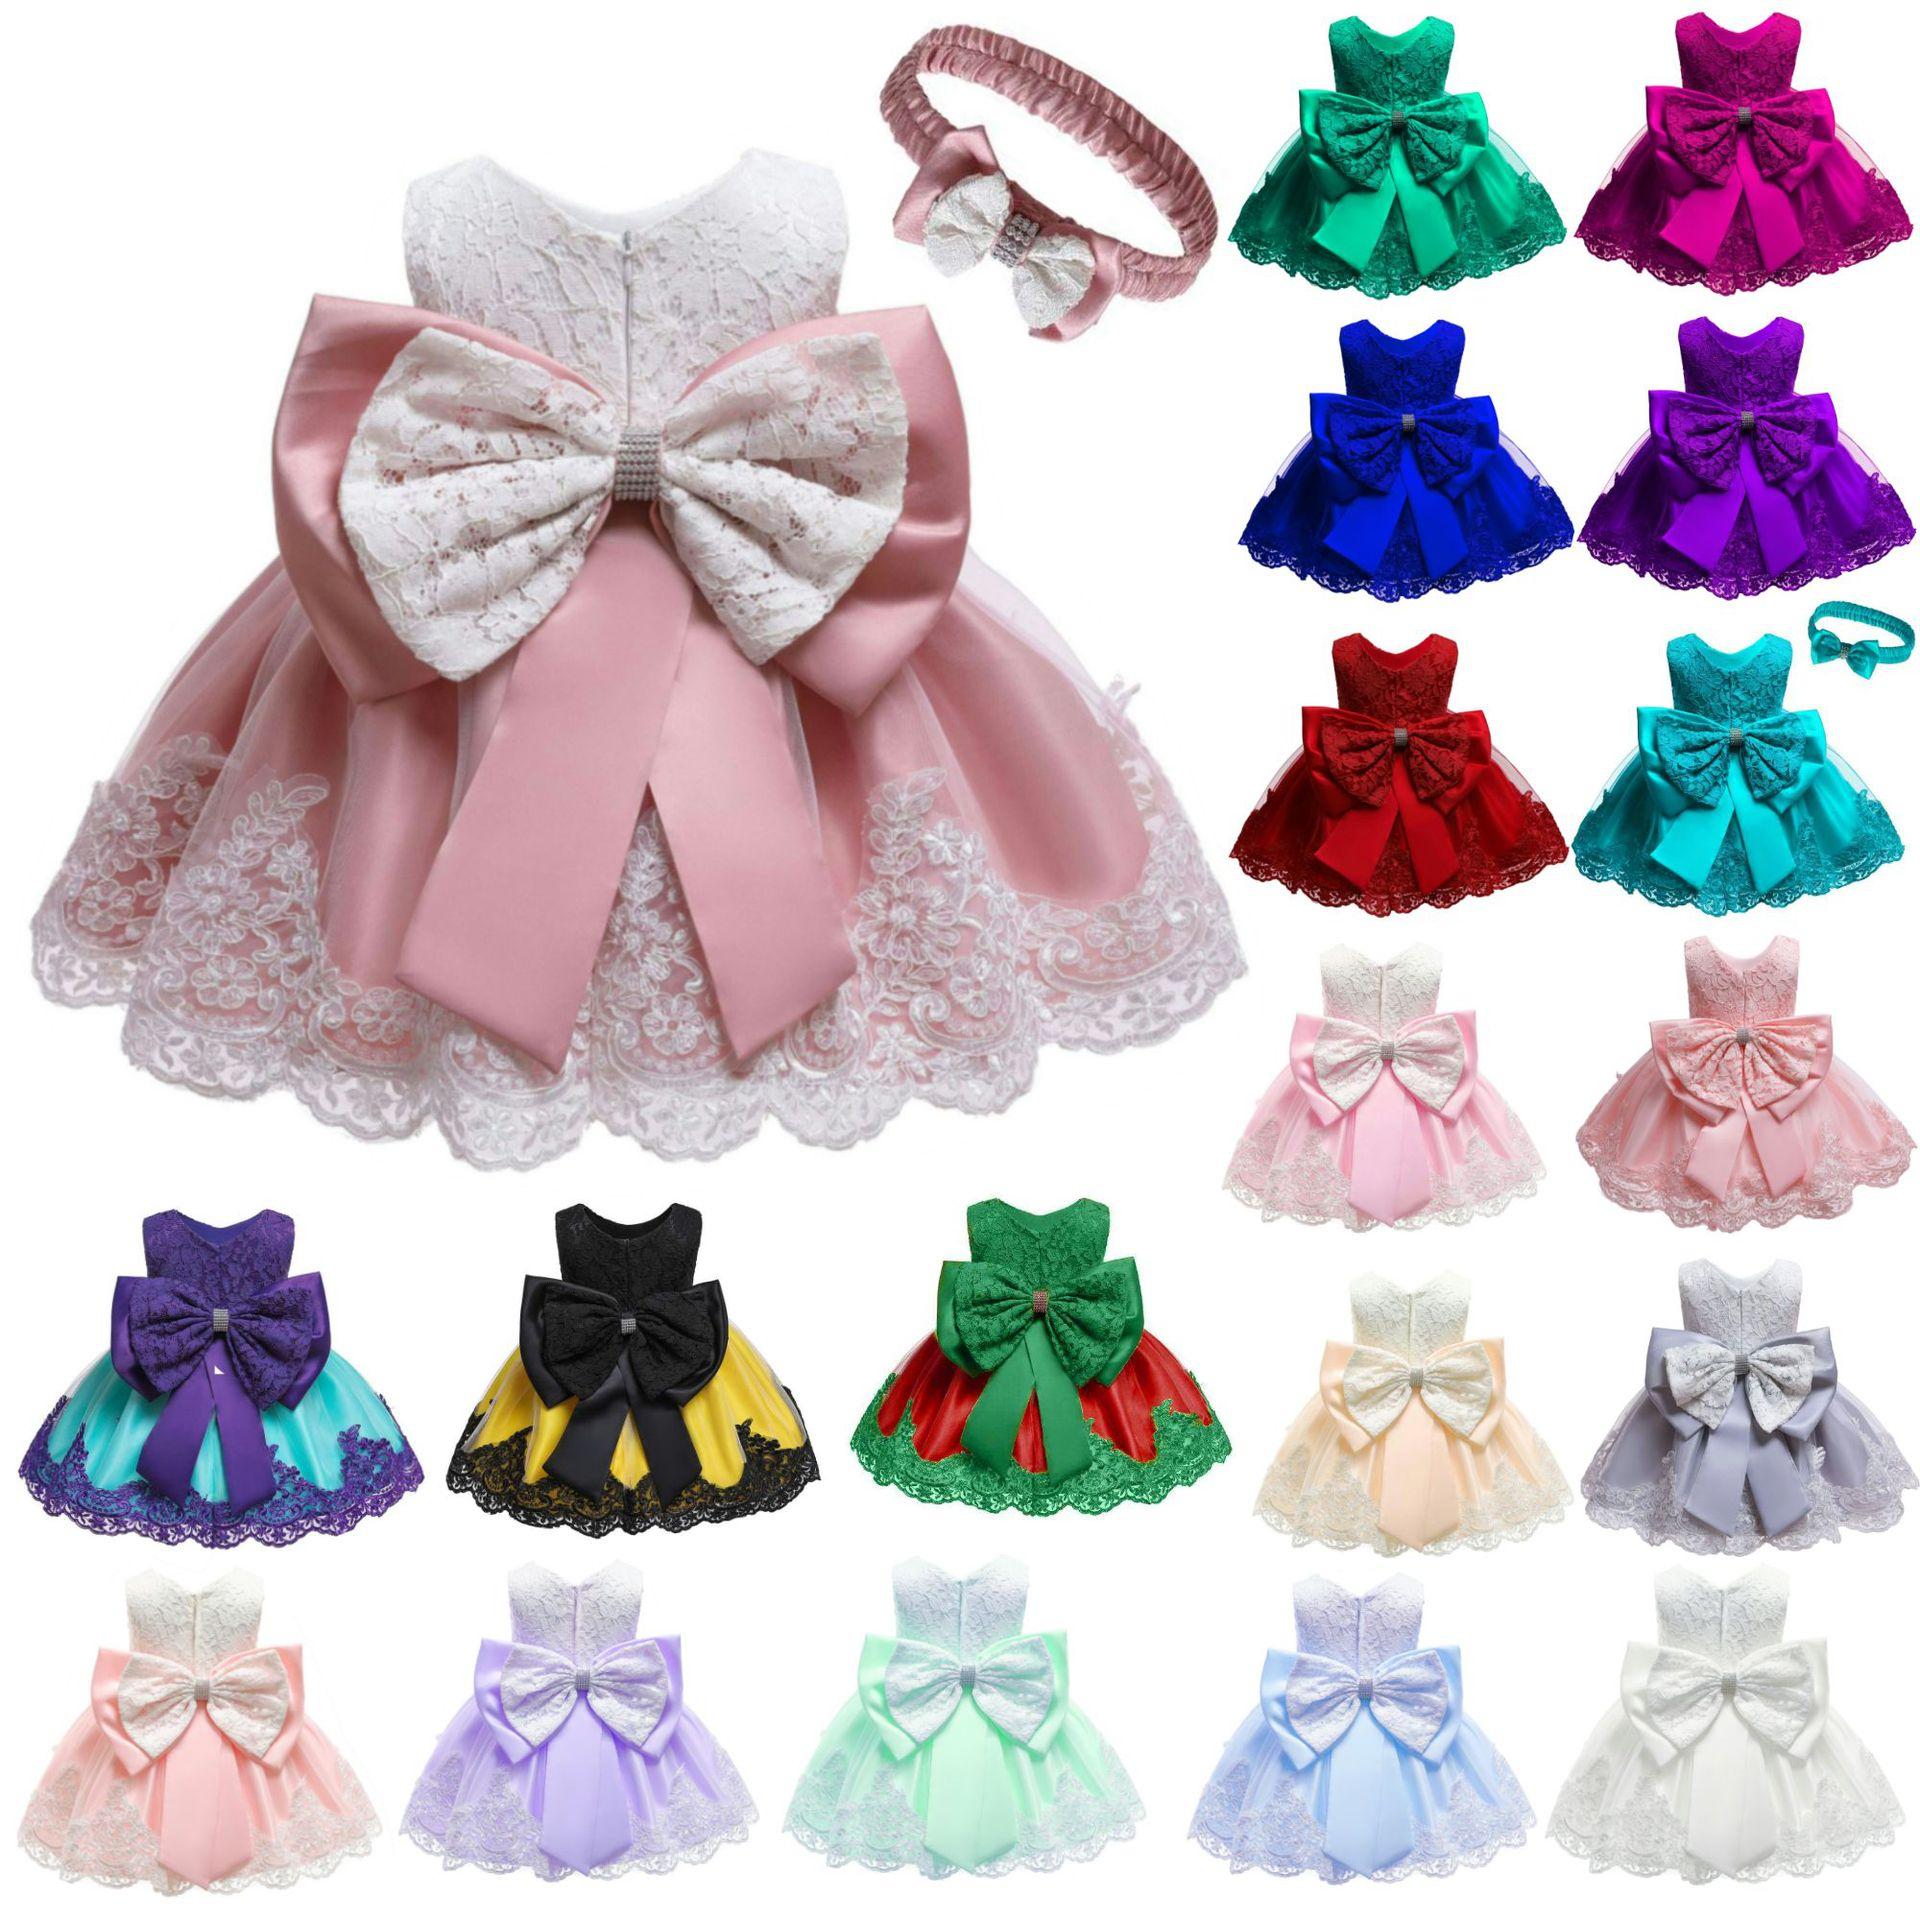 Dress Pesta Bayi Perempuan, Gaun Desain Baru Pakaian Anak-anak Malam Putri Bunga 3 Tahun Renda 2019